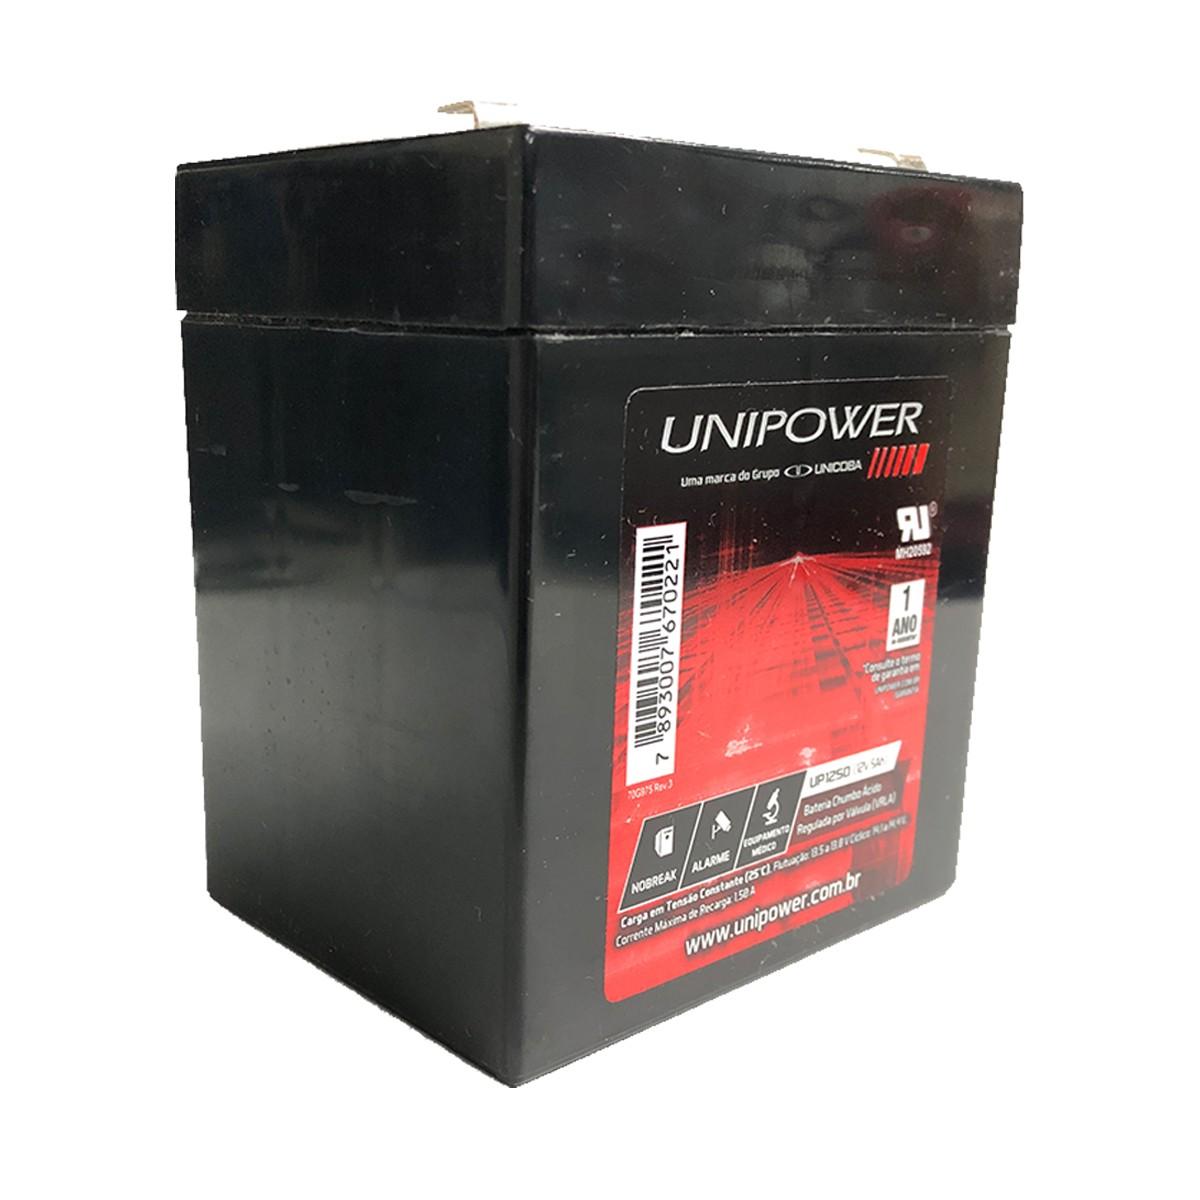 Bateria Unipower para Nobreak UP1250-06C013 F187 12V 5.0AH